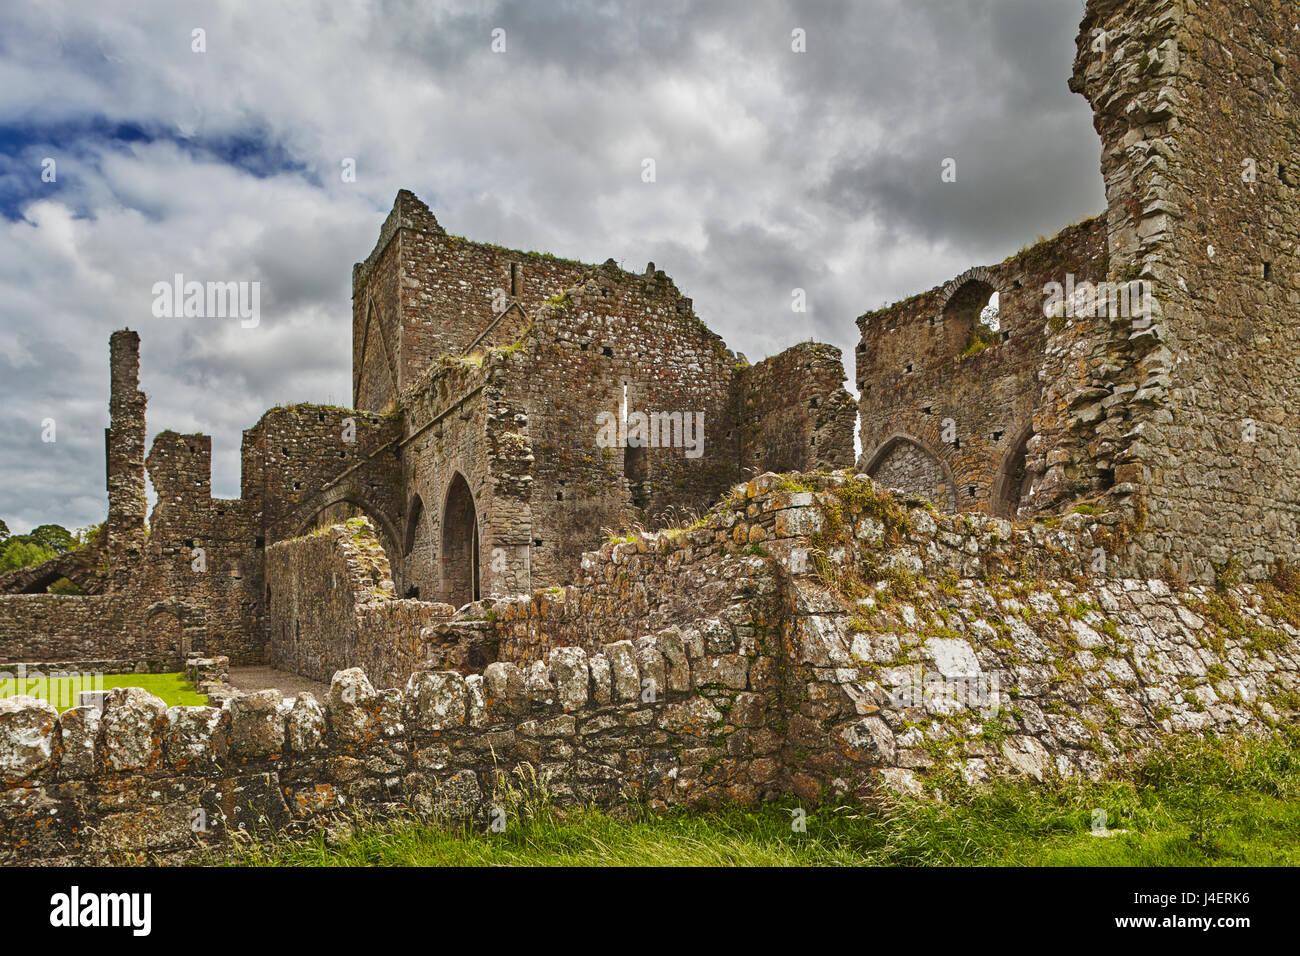 Die Ruinen der Hore Abbey, in der Nähe von den Ruinen der Rock of Cashel, Cashel, County Tipperary, Munster, Stockbild